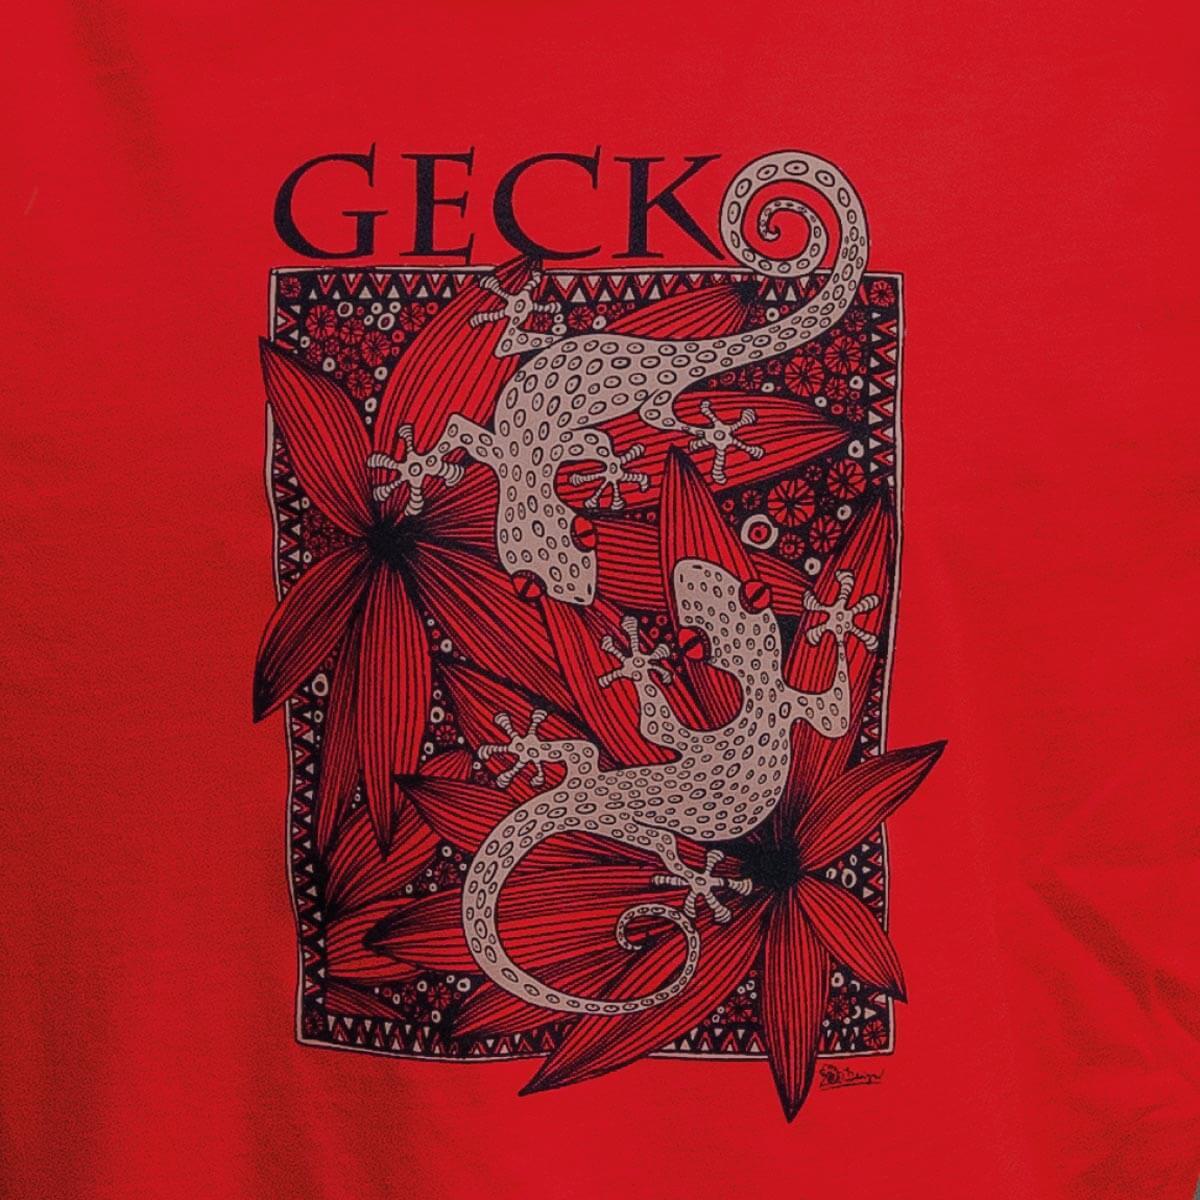 tričko gekoni červené - detail